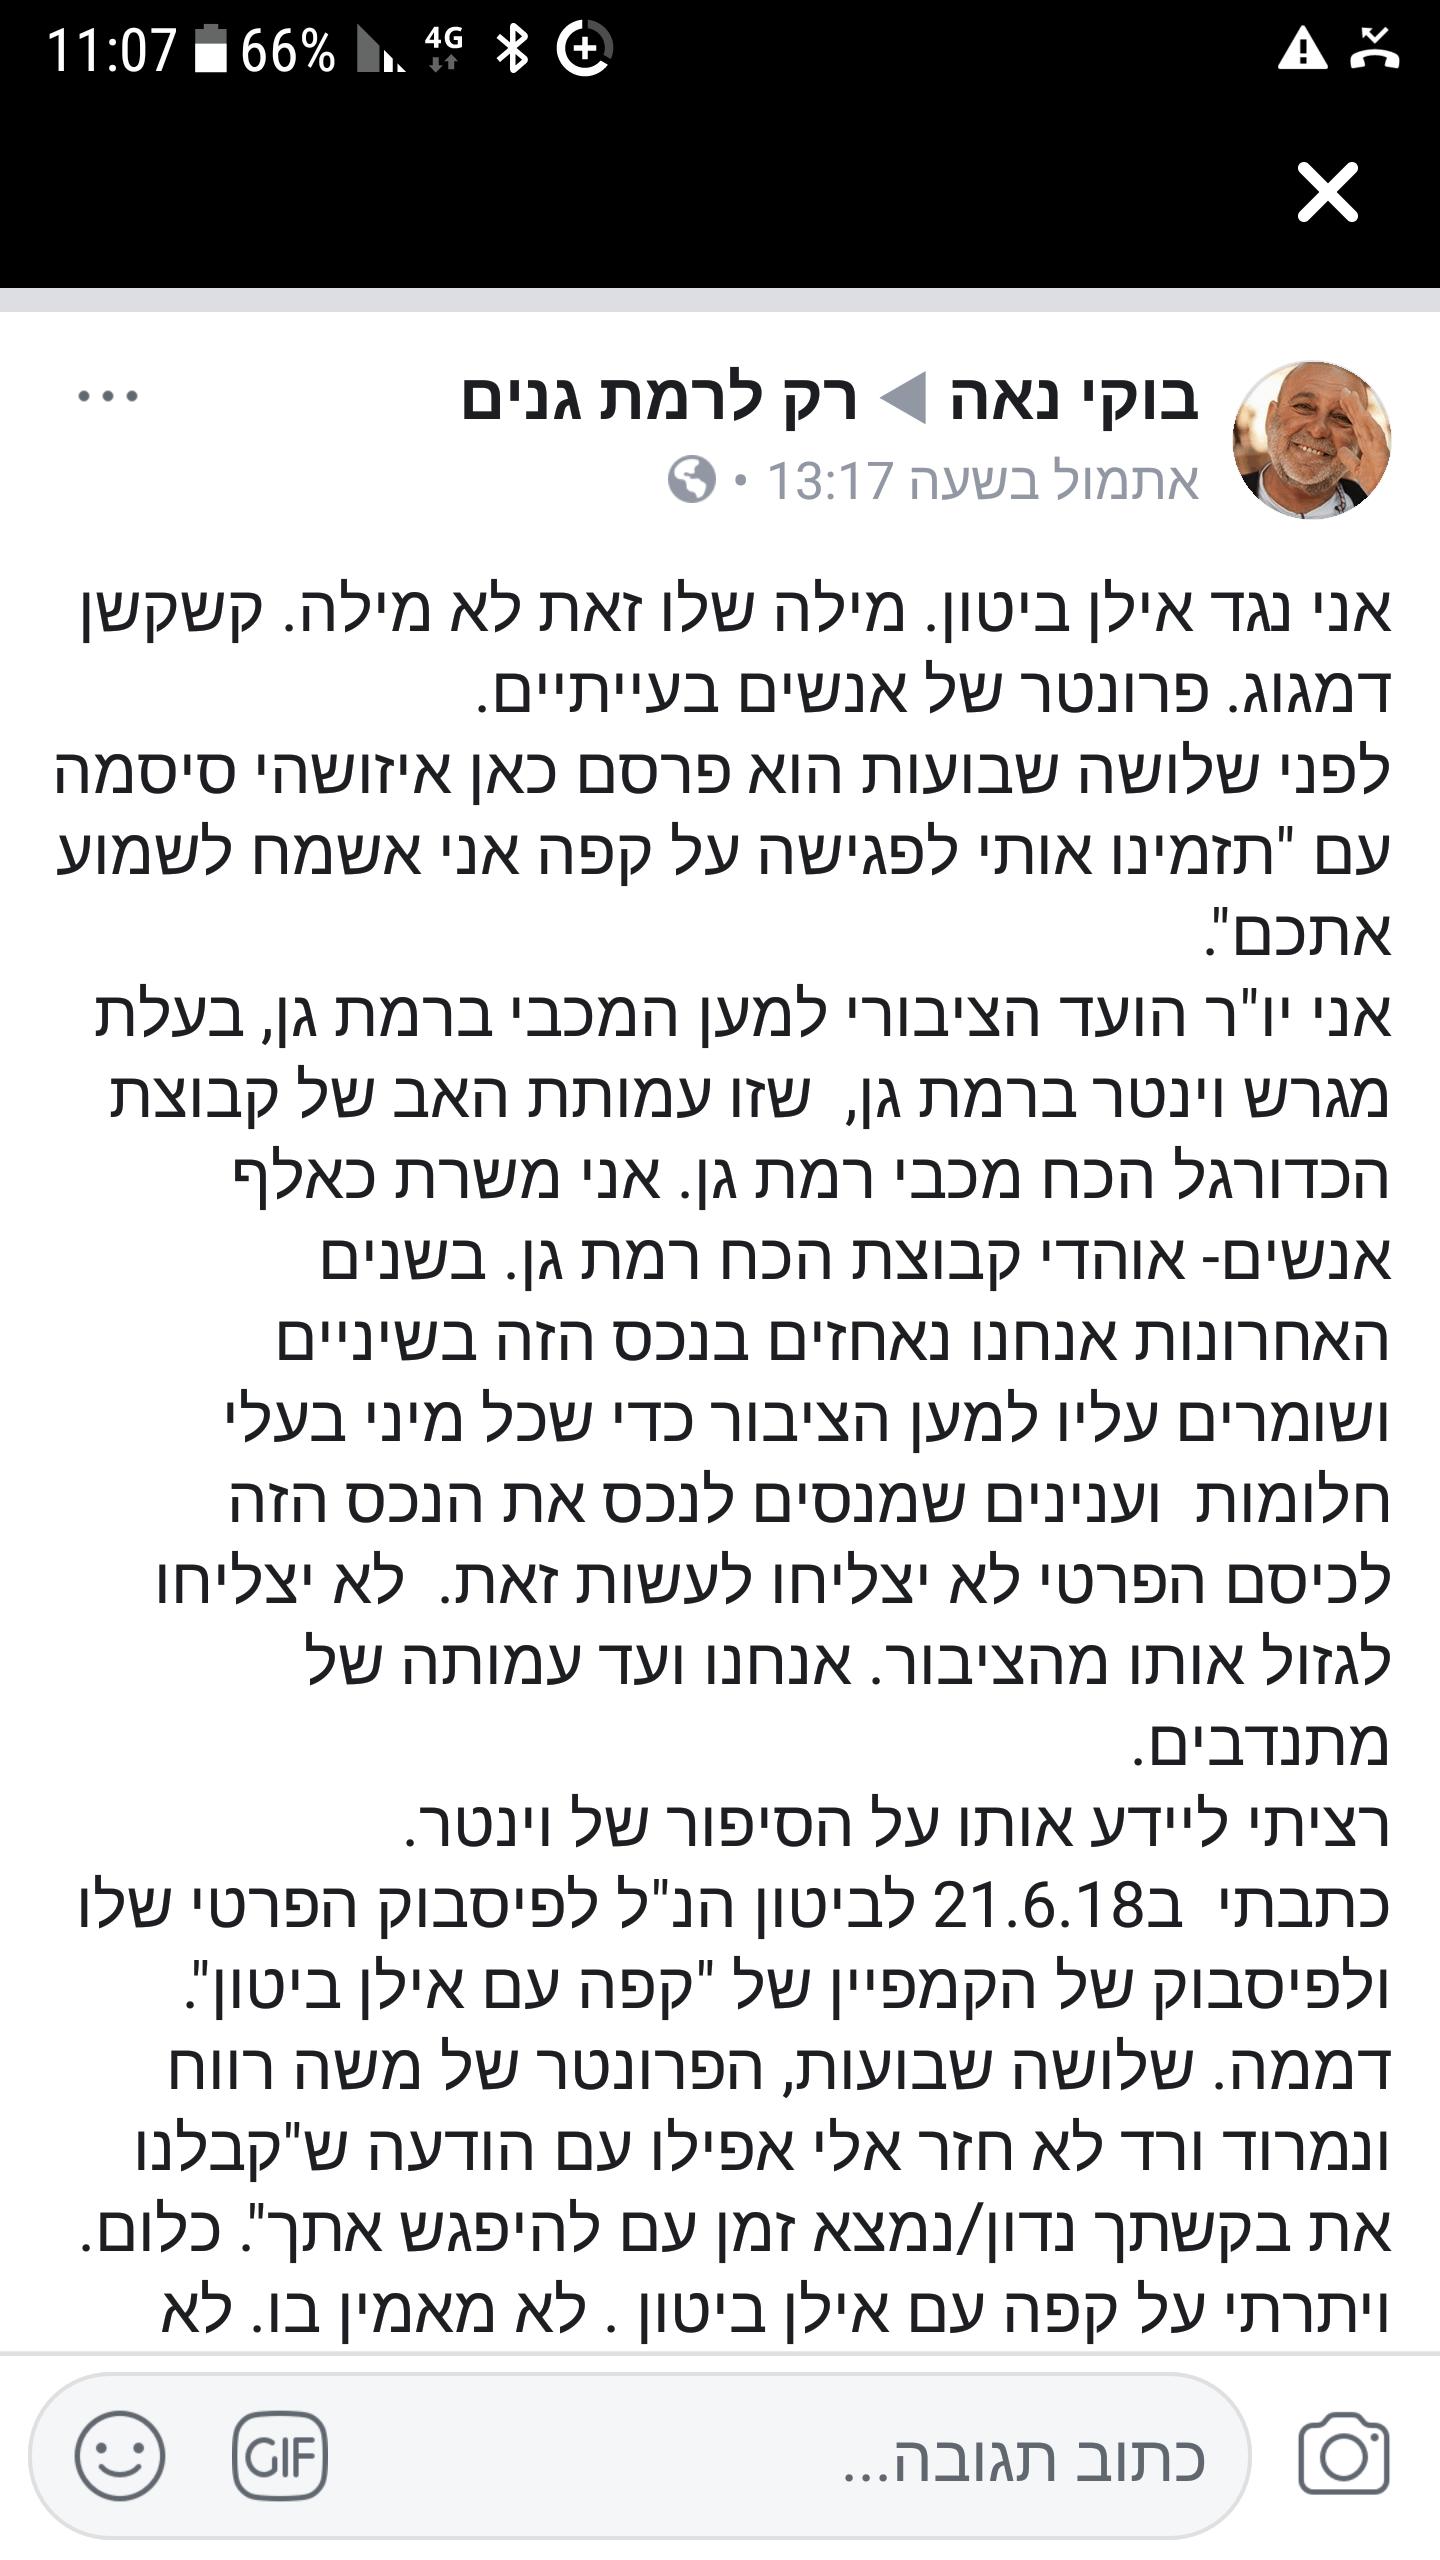 הפוסט של בוקי בקבוצה